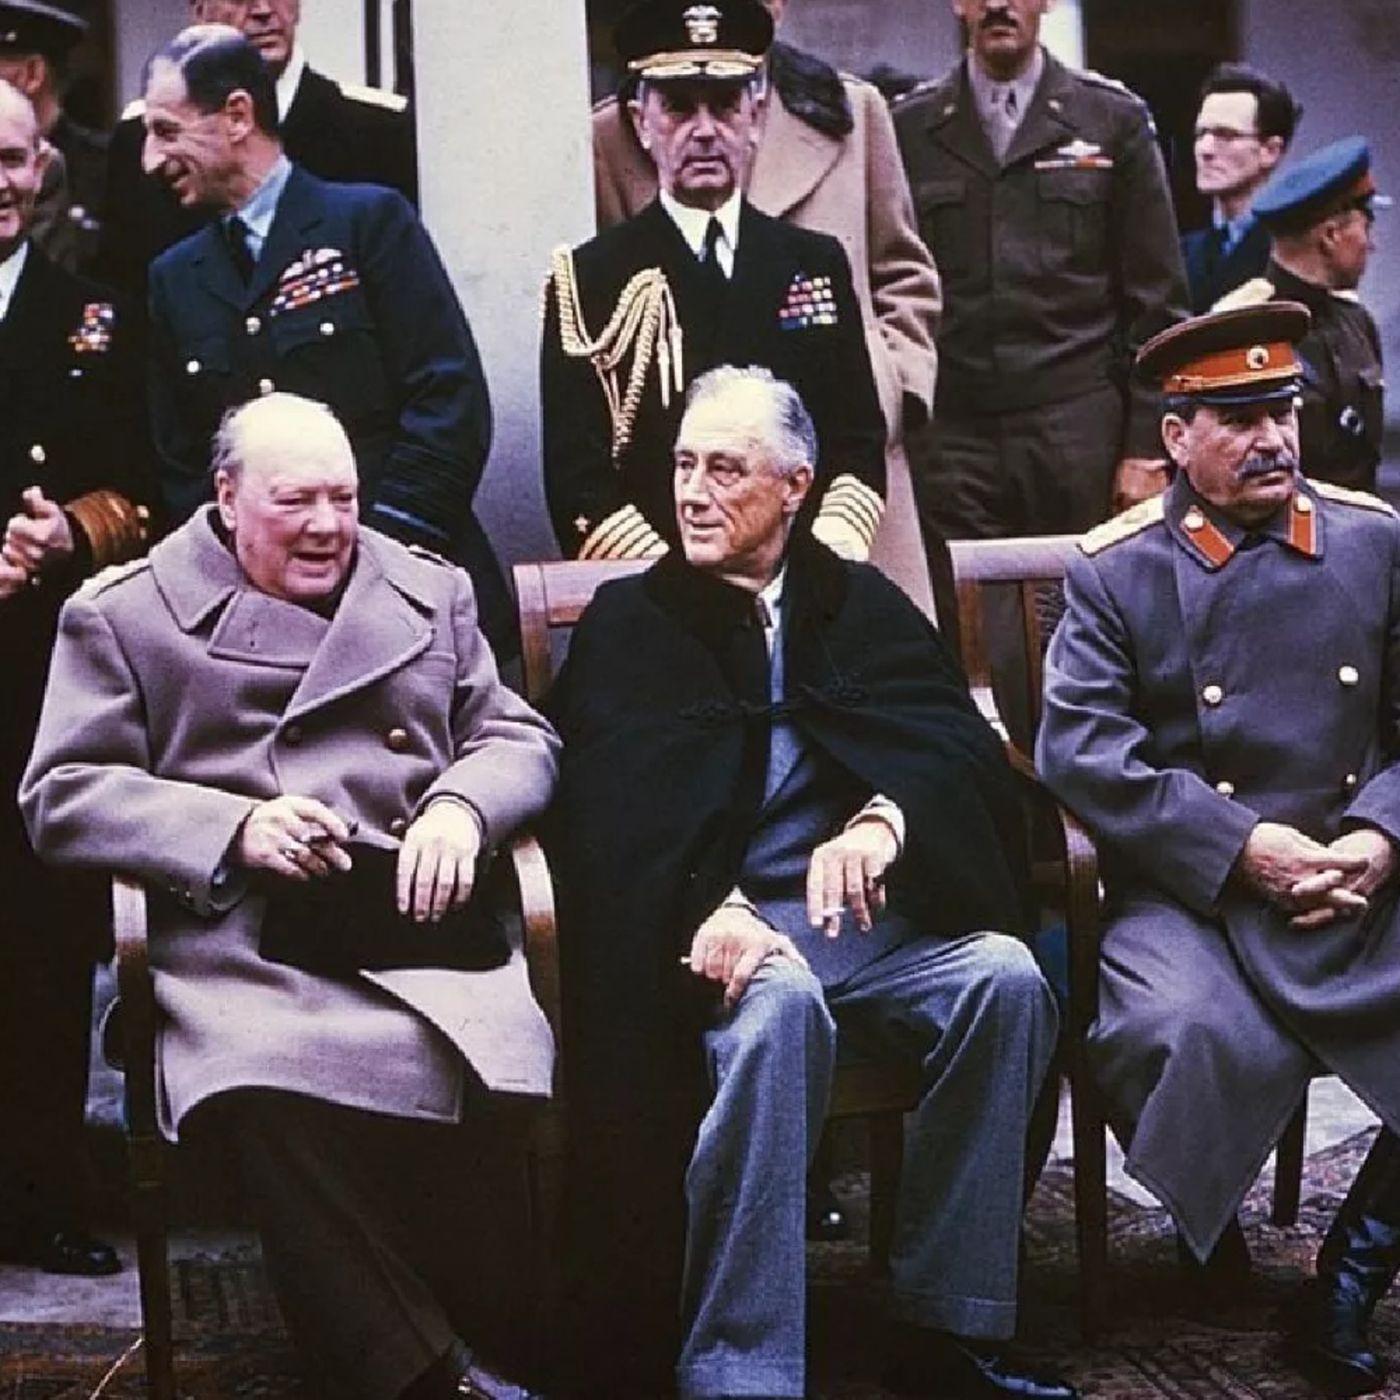 La lezione dimenticata delle due guerre mondiali (La Voce e Il Tempo, 2019)